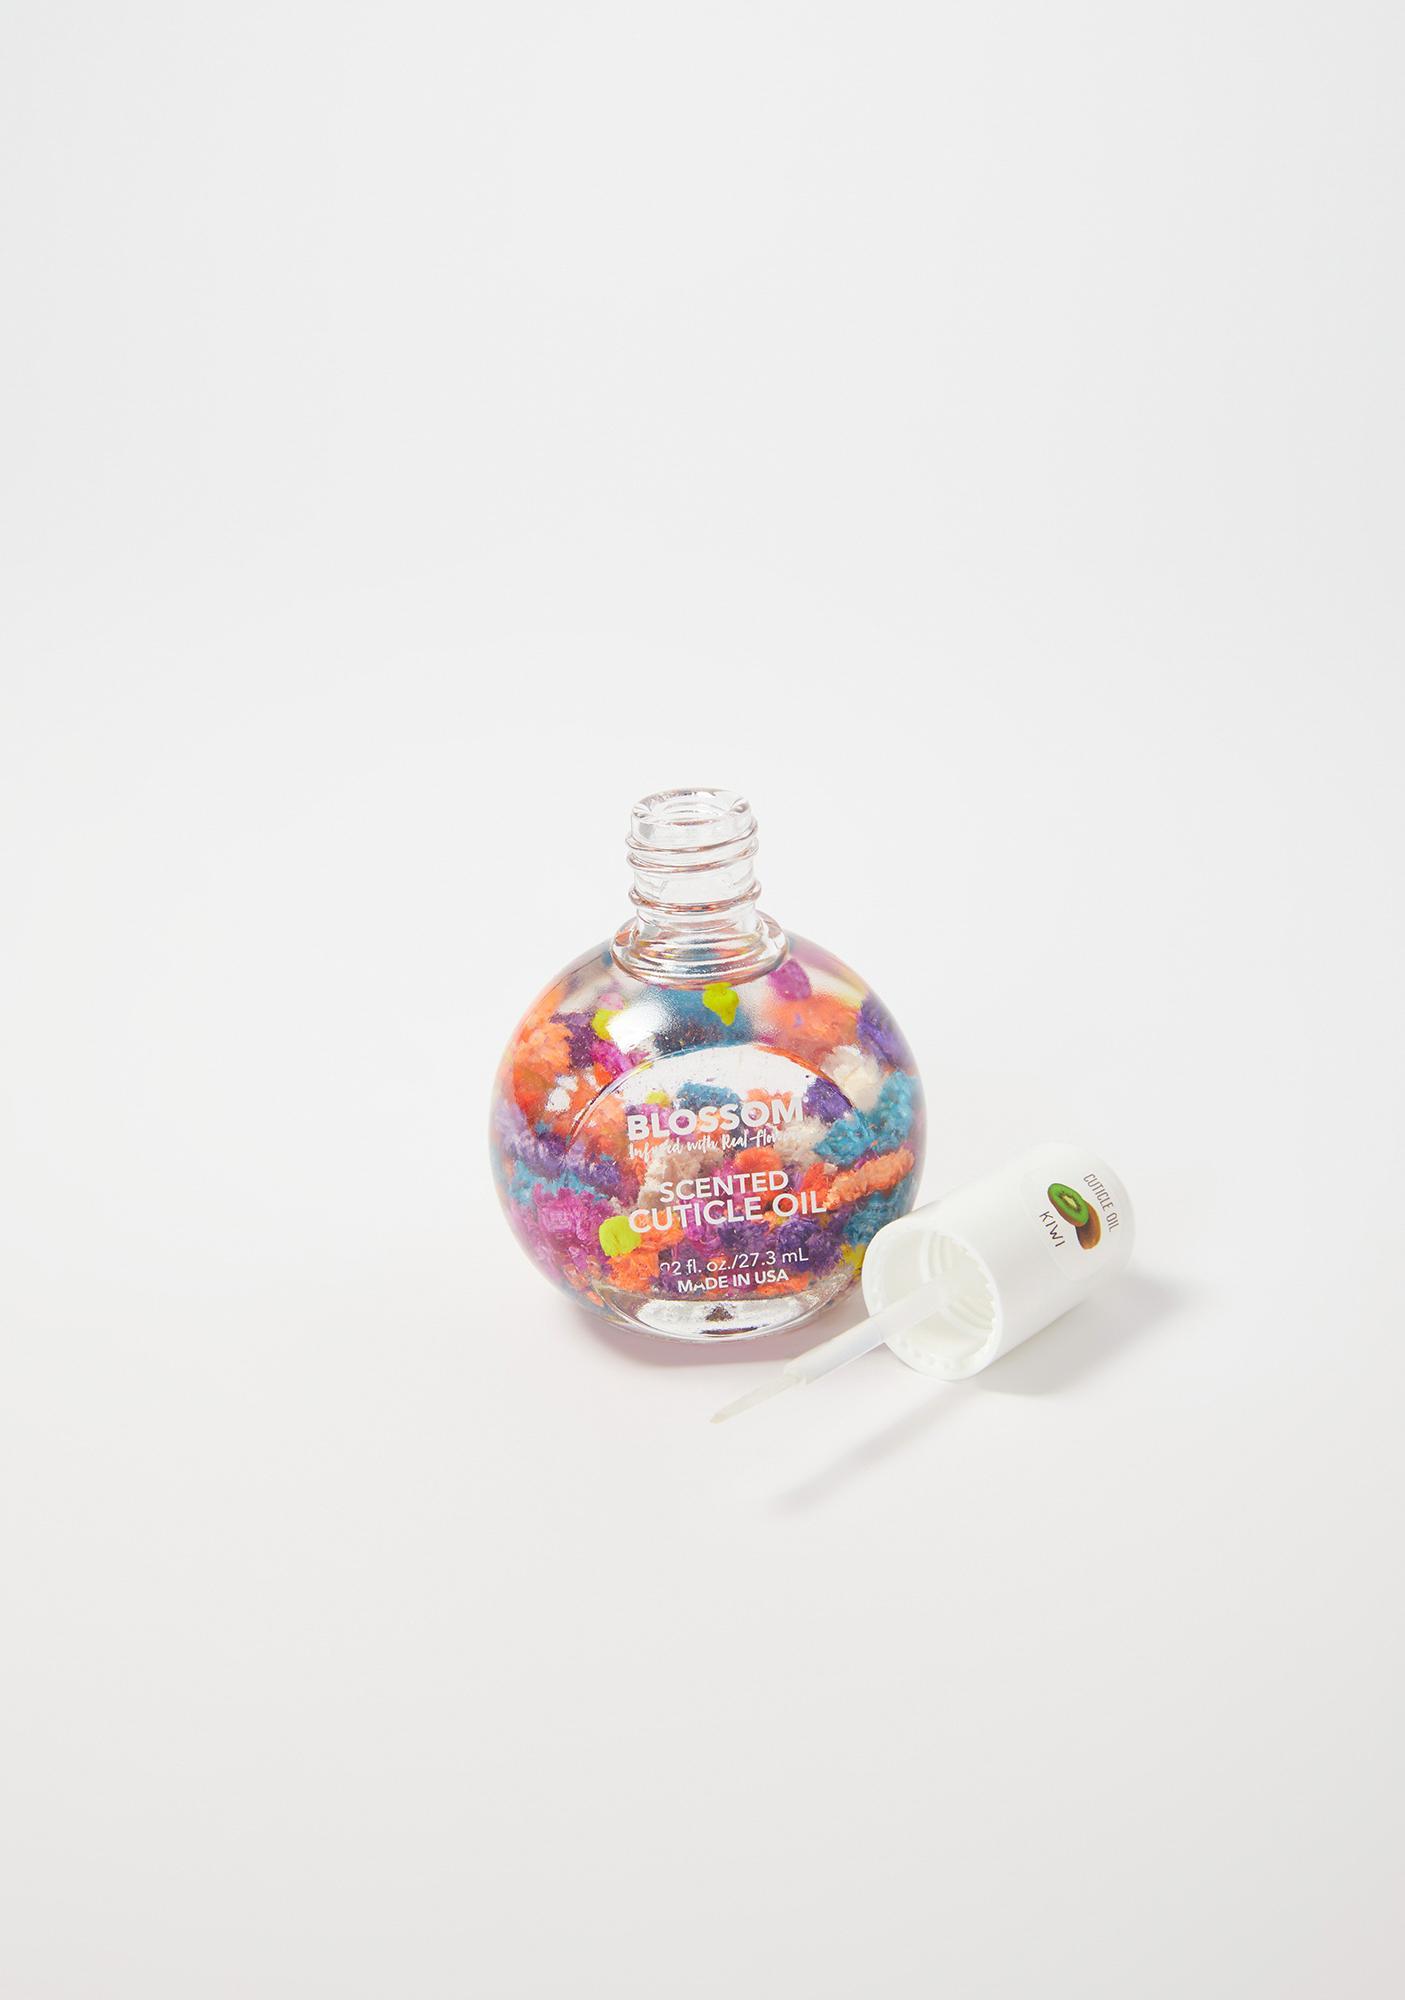 Blossom Kiwi Cuticle Oil